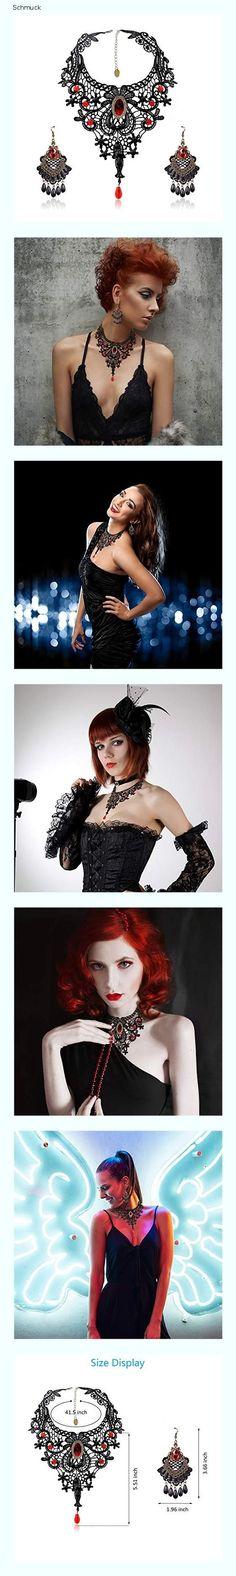 SEELOK 3Stk Schwarze Spitze Halskette mit Ohrringe Set, Gothic Schmuck Red Kette Lolita Anhänger Spitzenarmband Steampunk Cosplay Kostüm Zubehör für Hochzeit Valentinstag Halloween - 1570